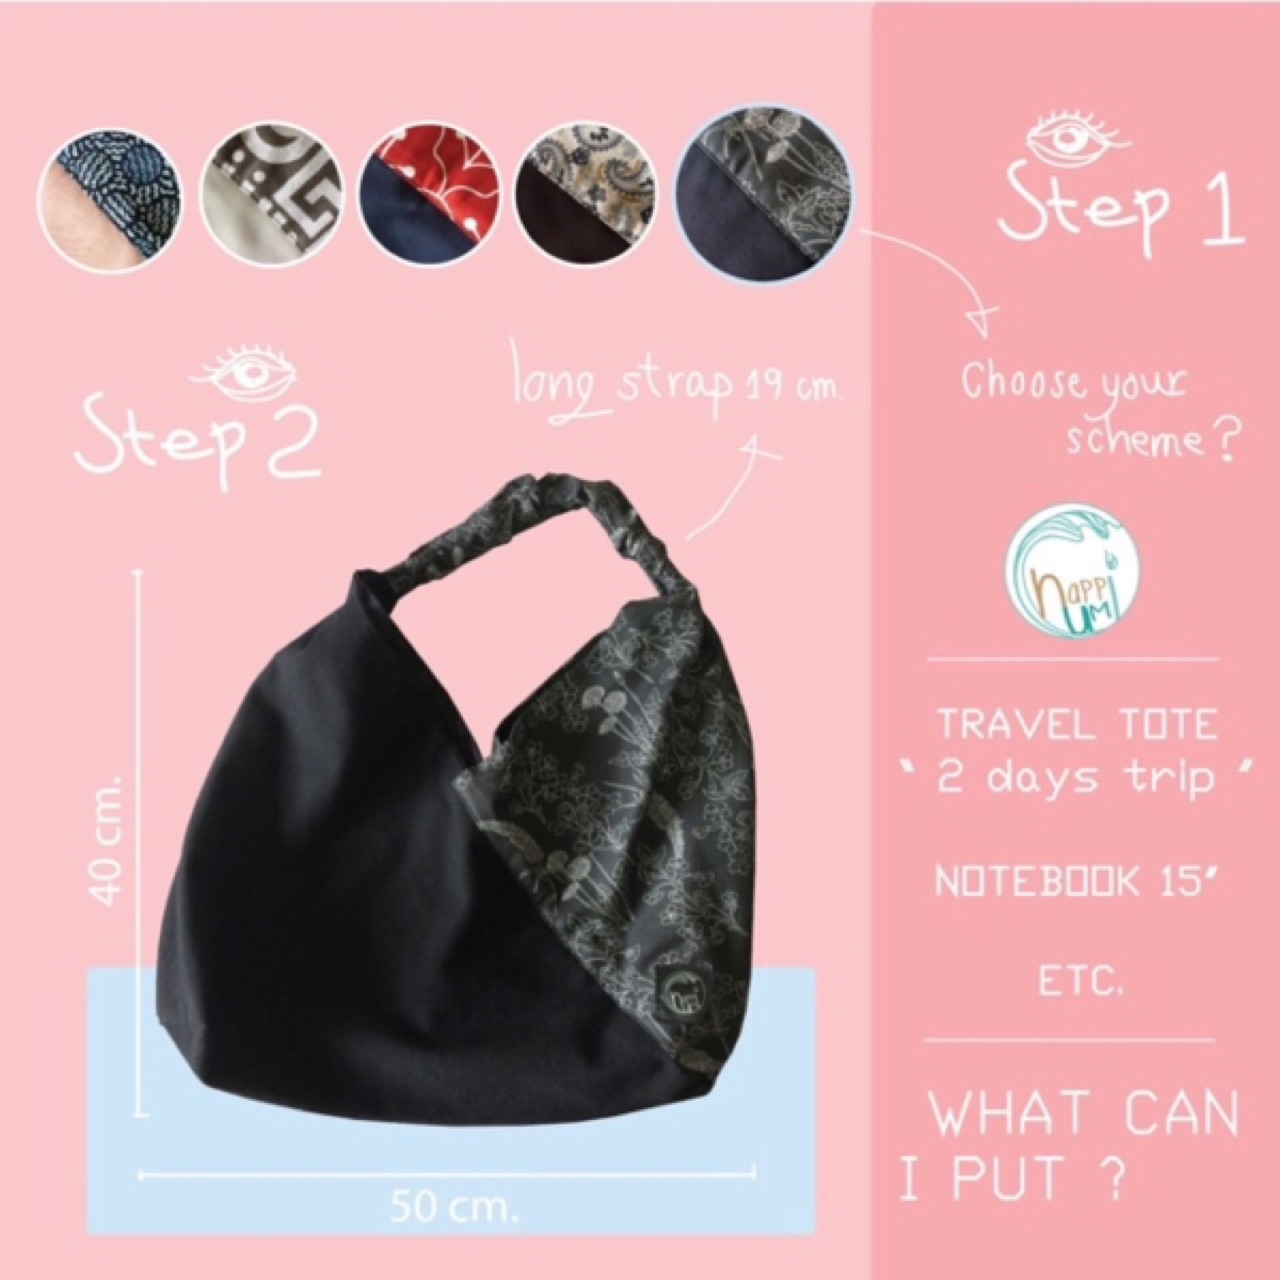 กระเป๋า,กระเป๋าผ้า,กระเป๋าสะพาย,กระเป๋าถือ,กระเป๋าผู้หญิง